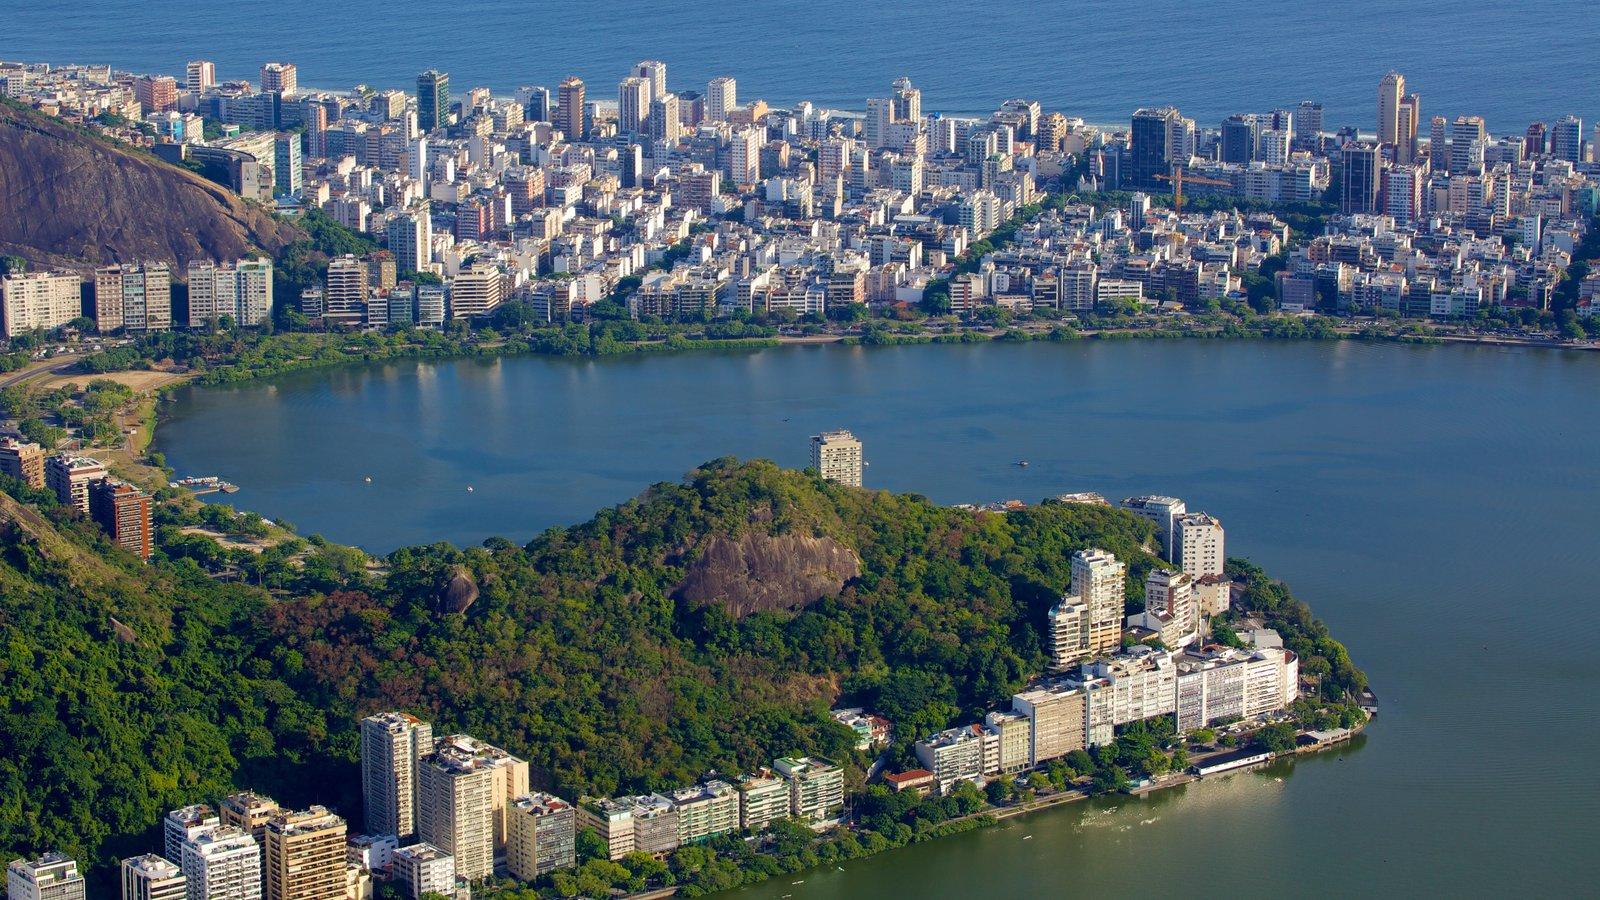 Rio de Janeiro mostrando um rio ou córrego